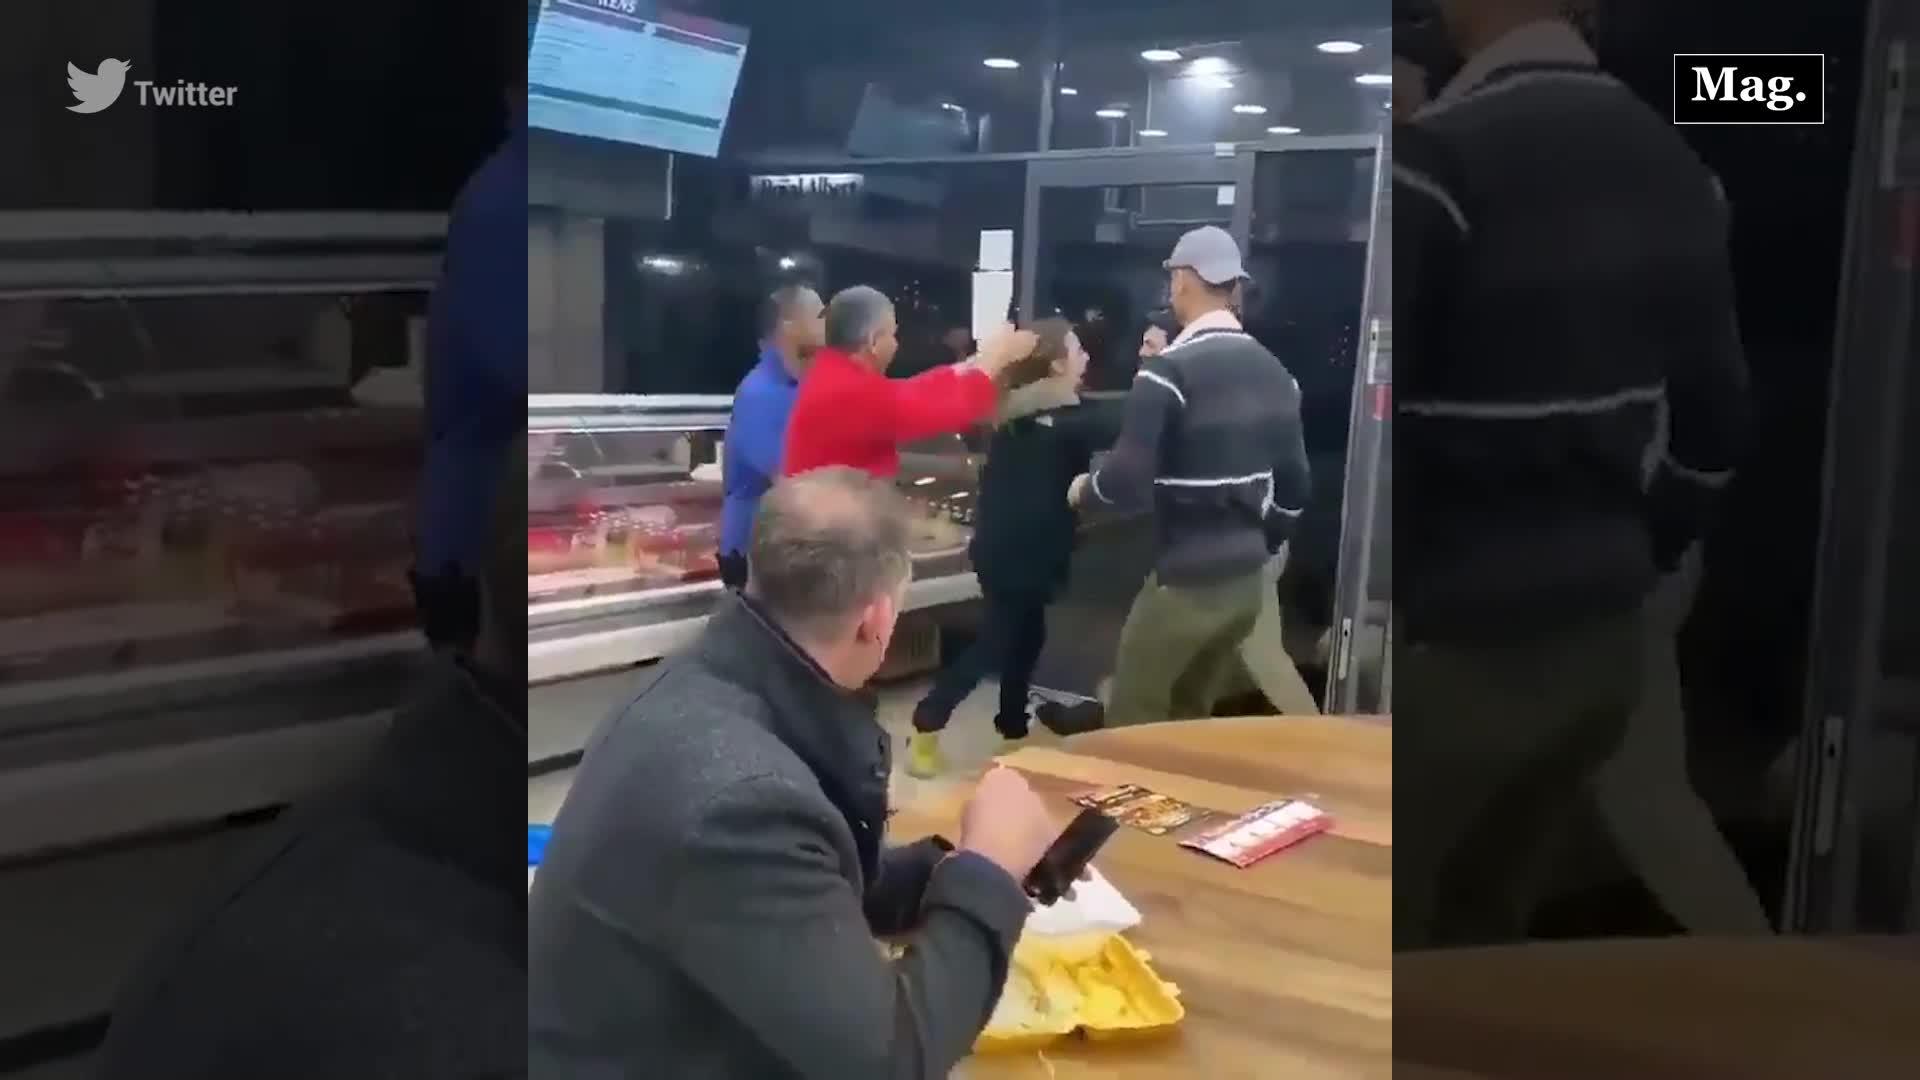 Hombre es viral en redes tras presenciar una pelea y seguir comiendo tranquilamente